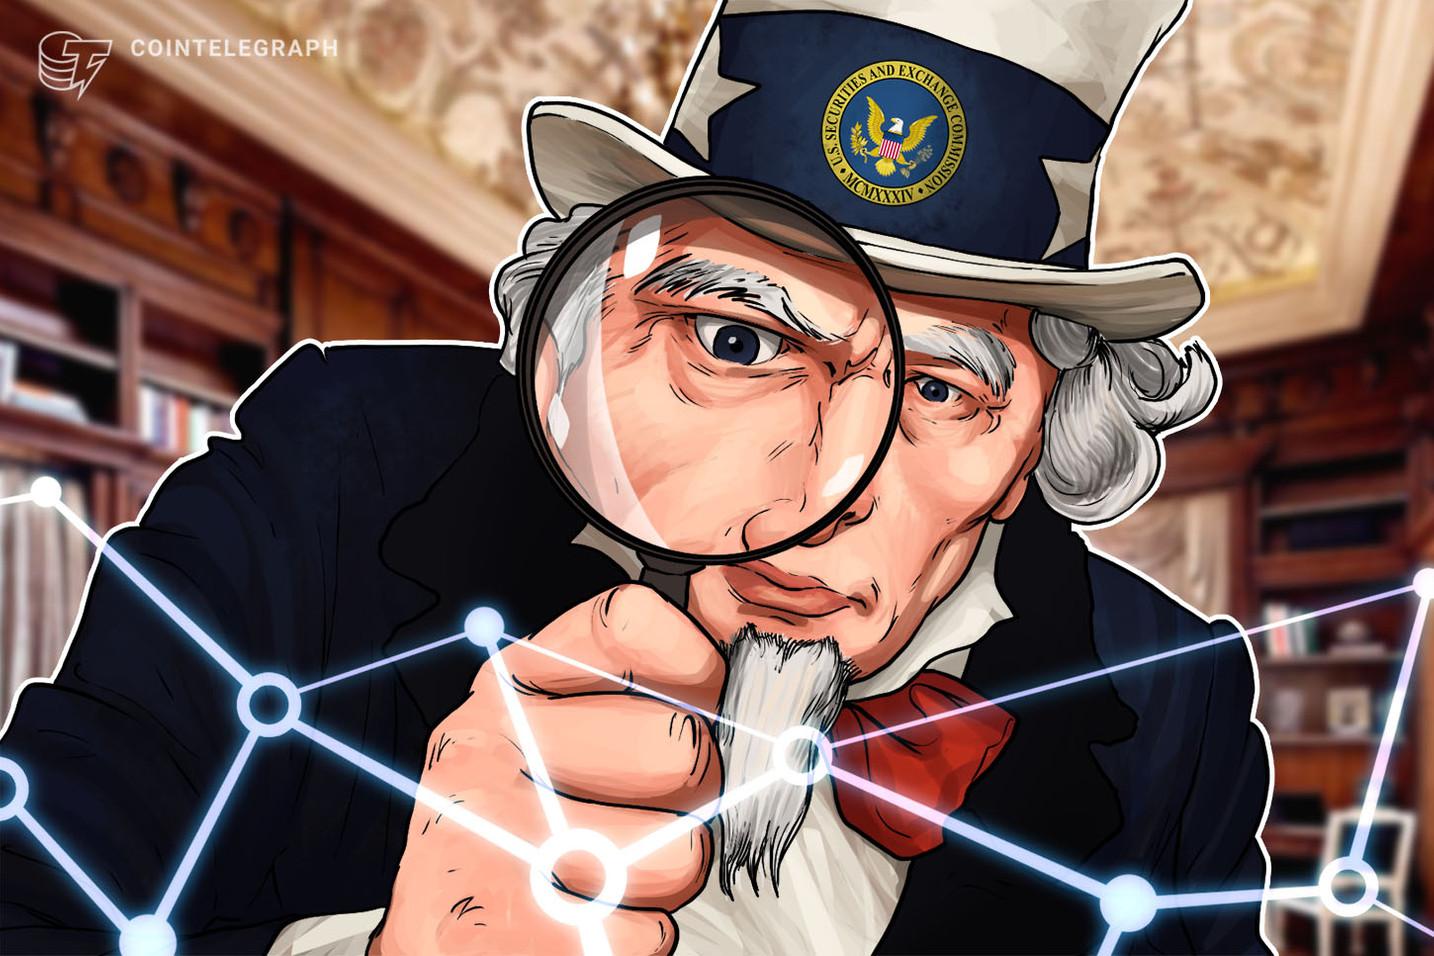 La SEC degli Stati Uniti è alla ricerca di dati analitici provenienti dalle compagnie del settore blockchain